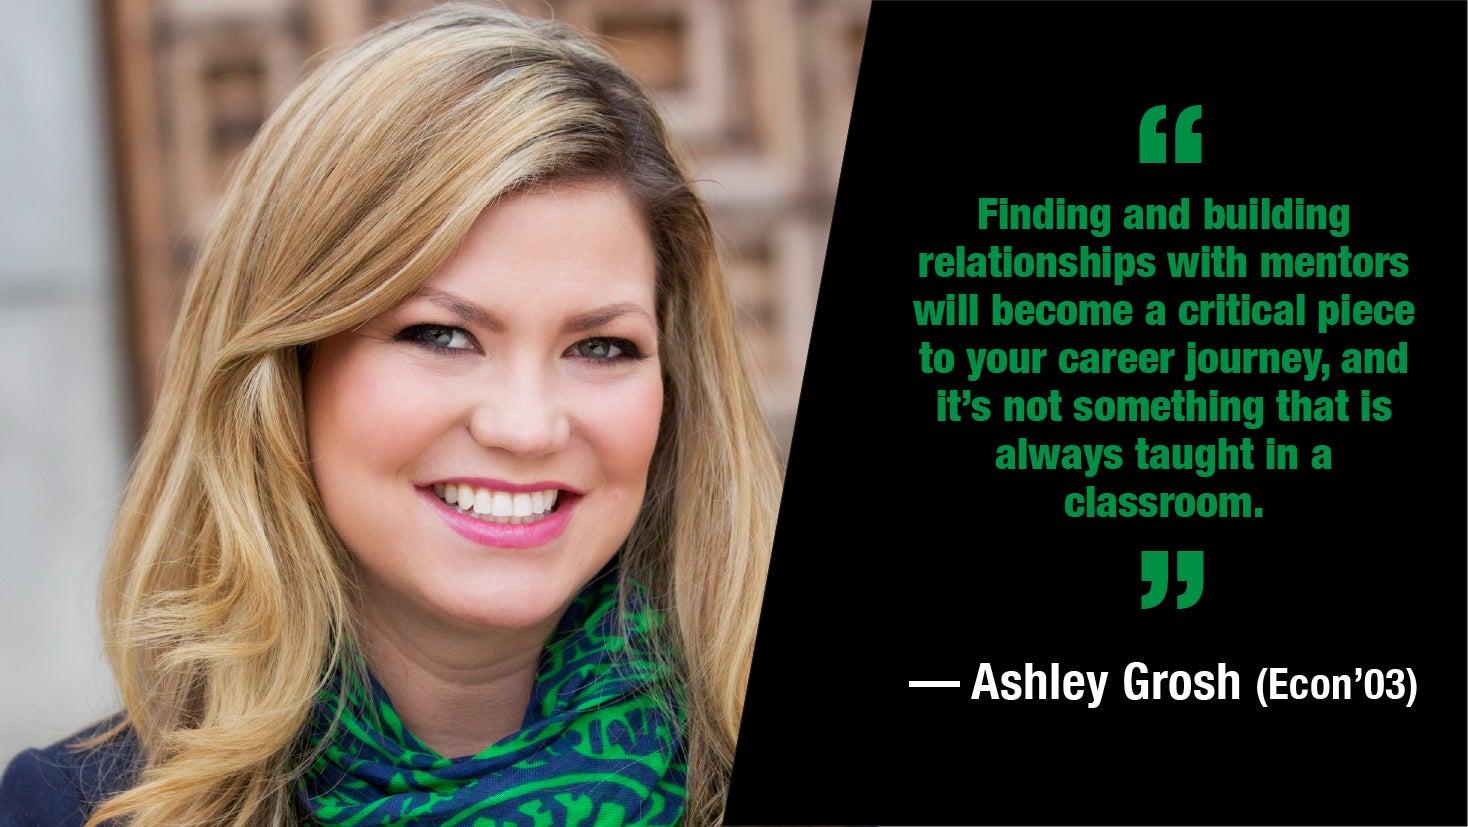 Ashley Grosh Image